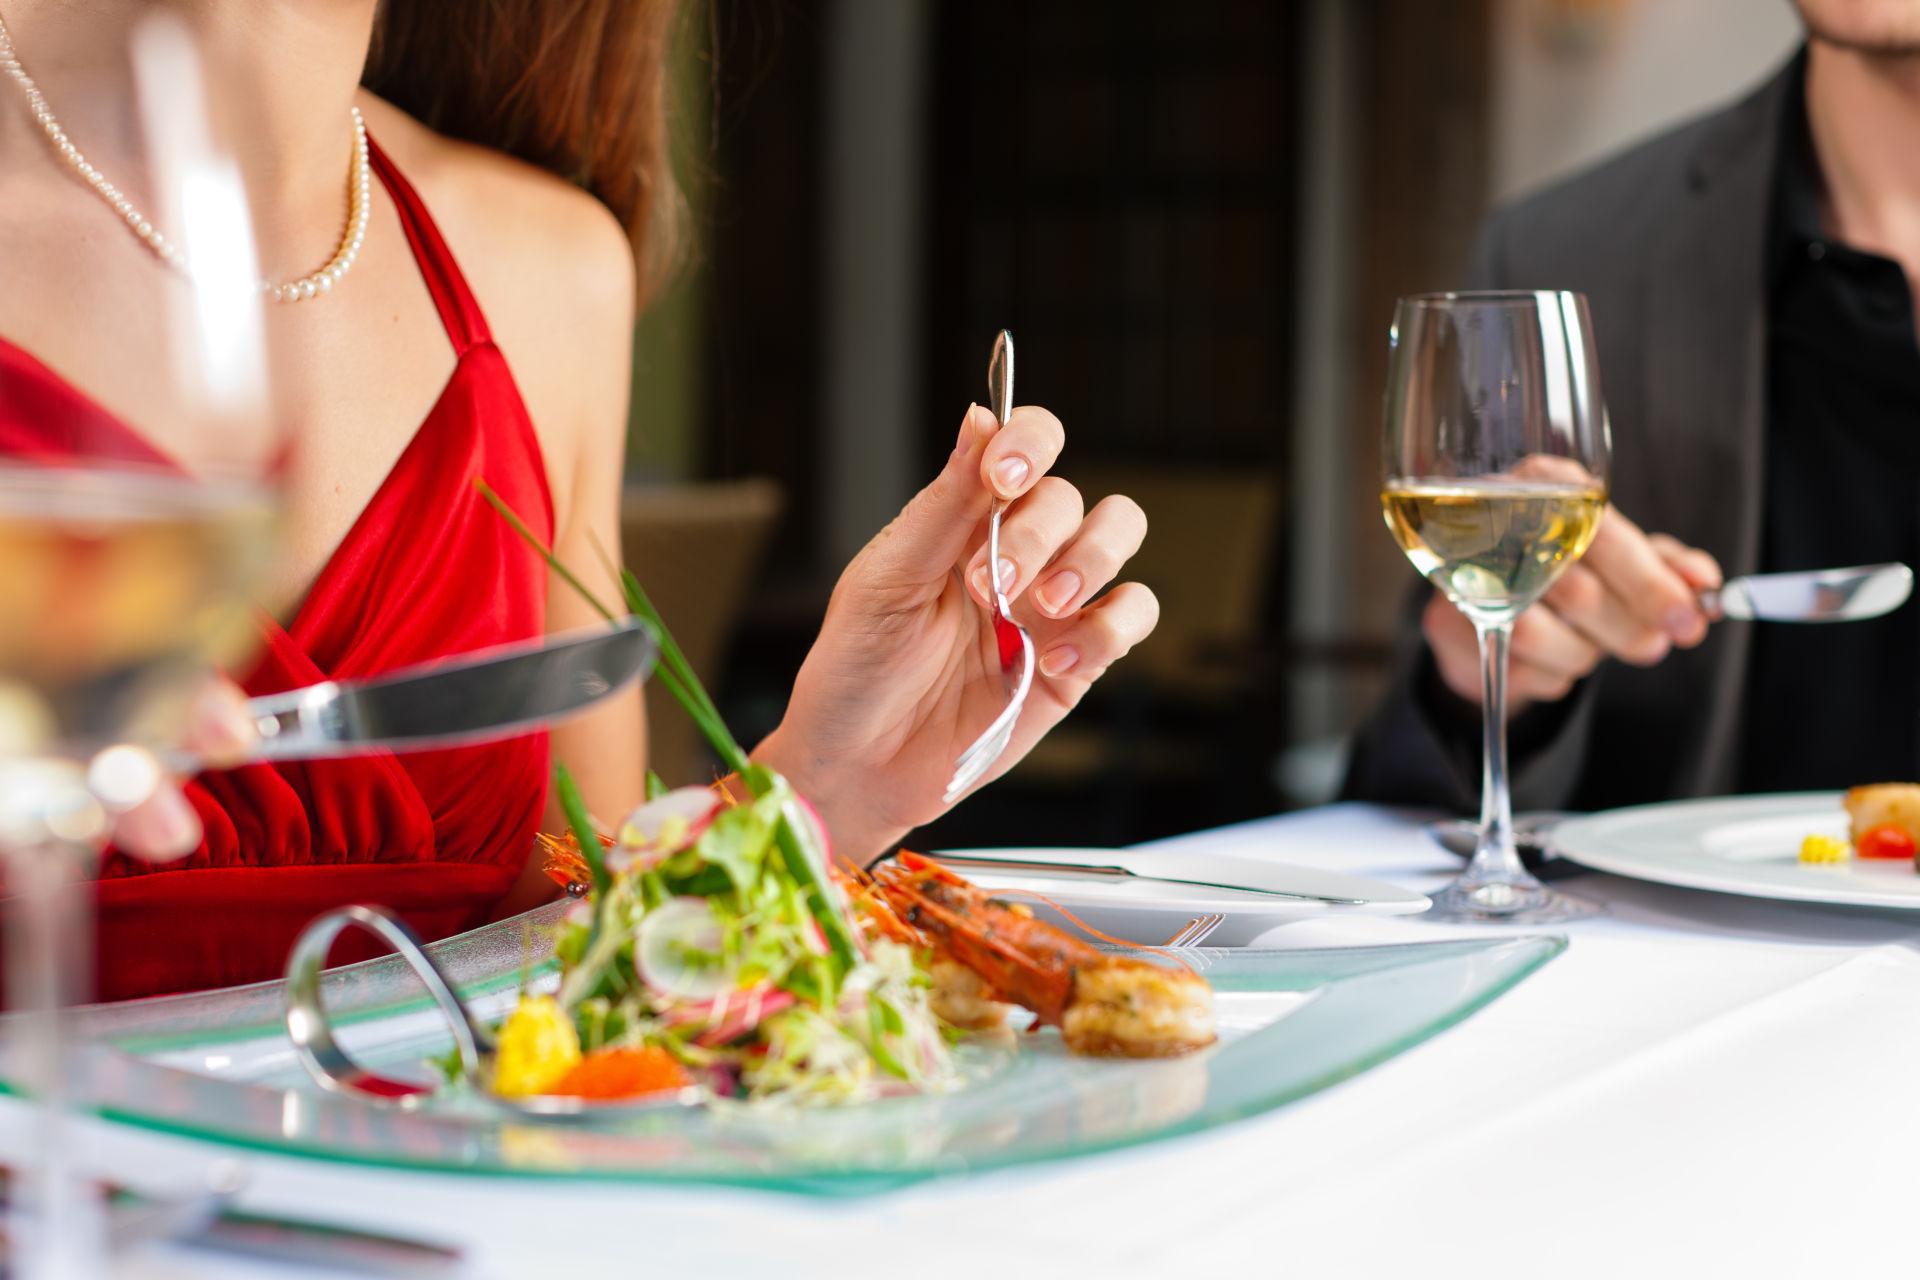 етикет культура виховання обід вечеря ресторан